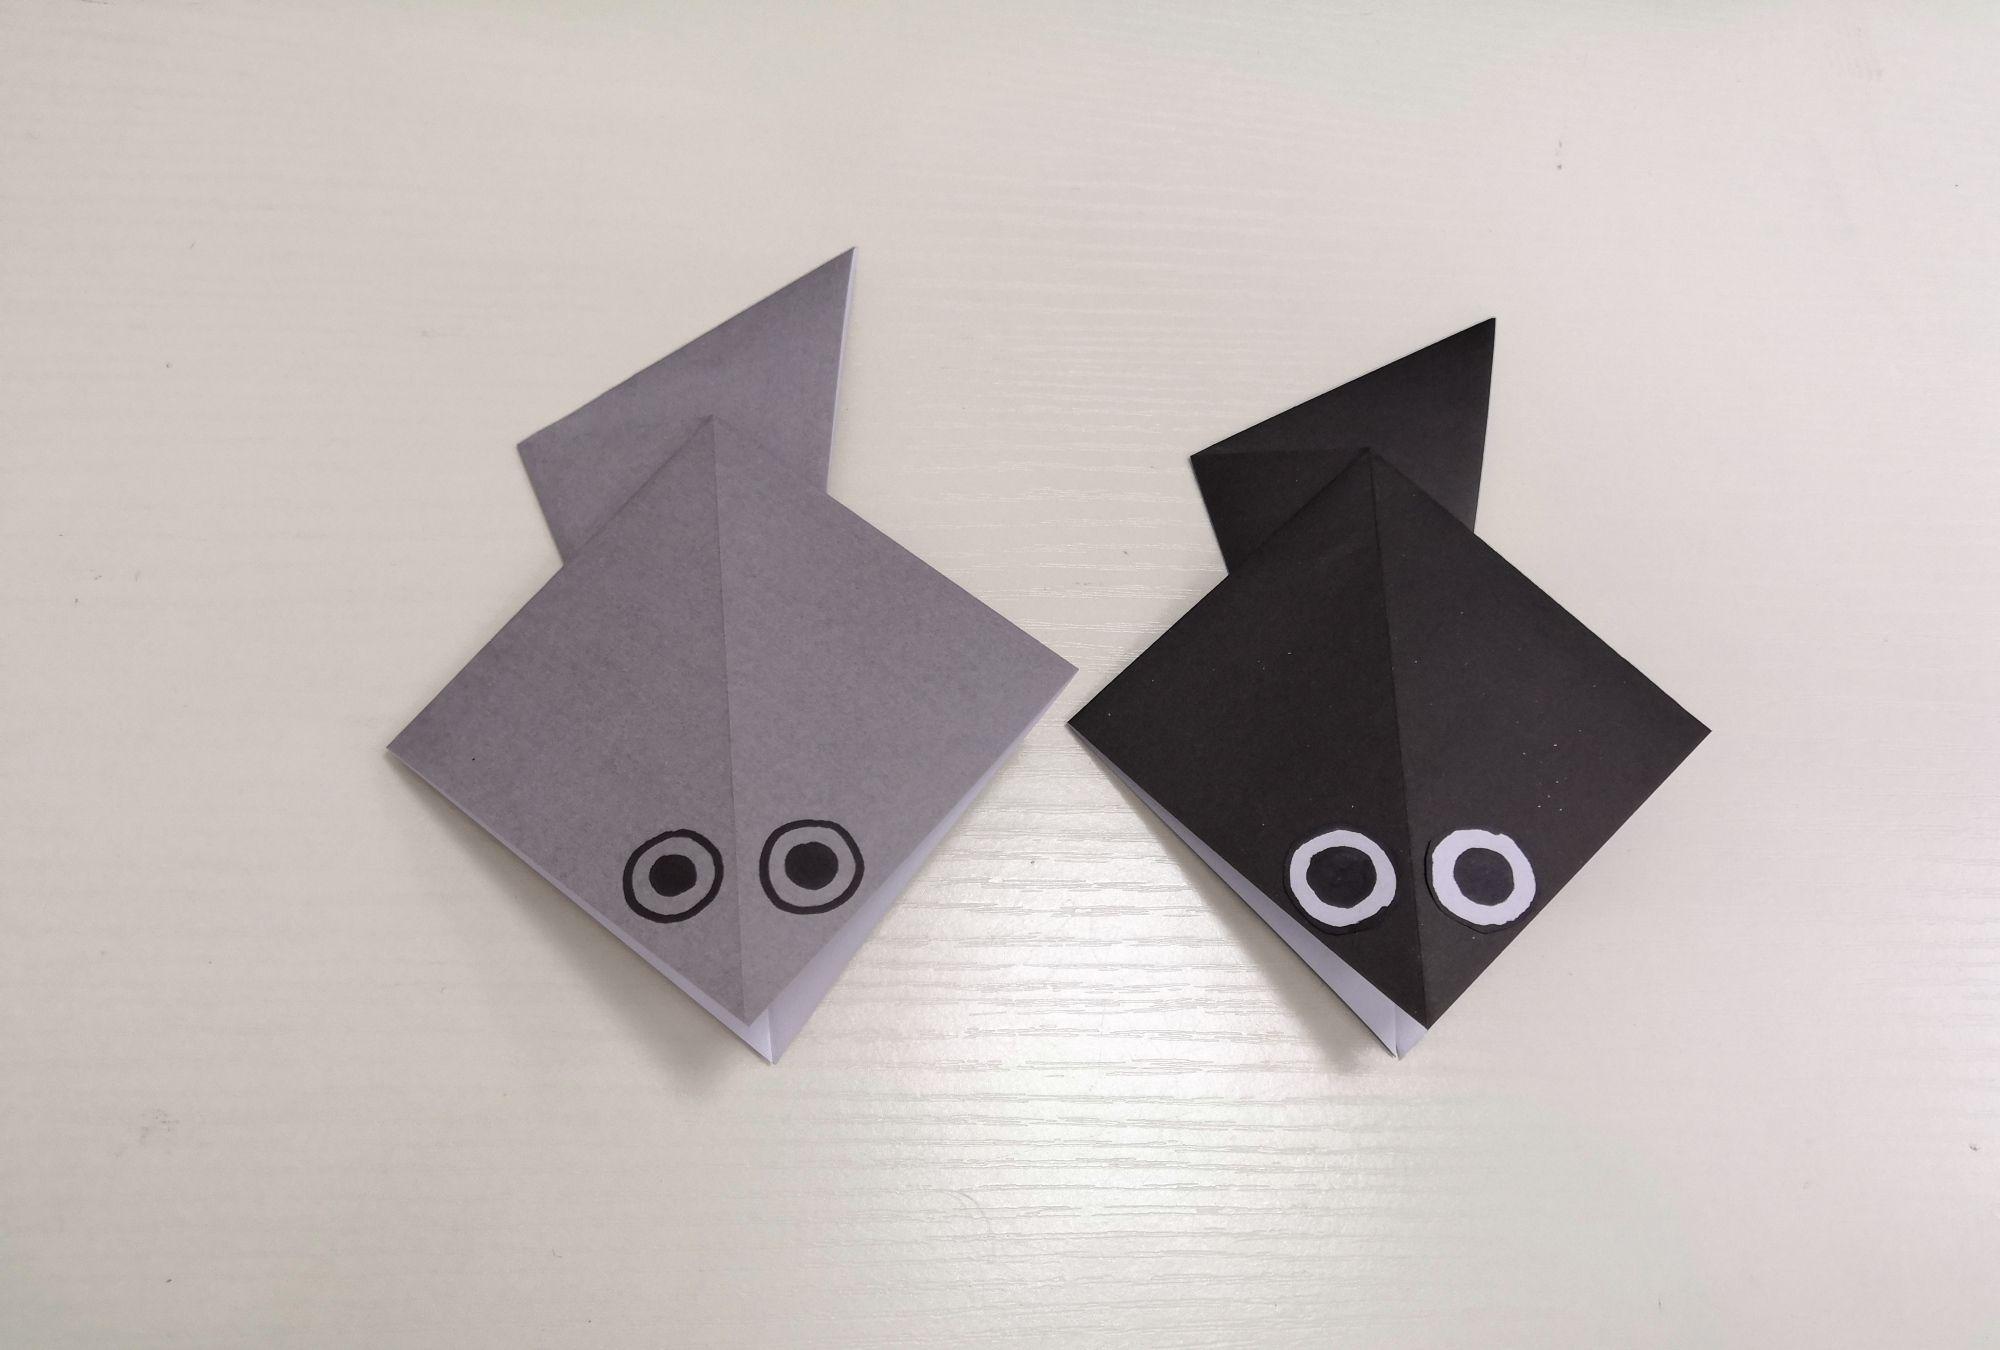 折纸小蝌蚪,成品超级可爱哦,赶快一起折一折吧